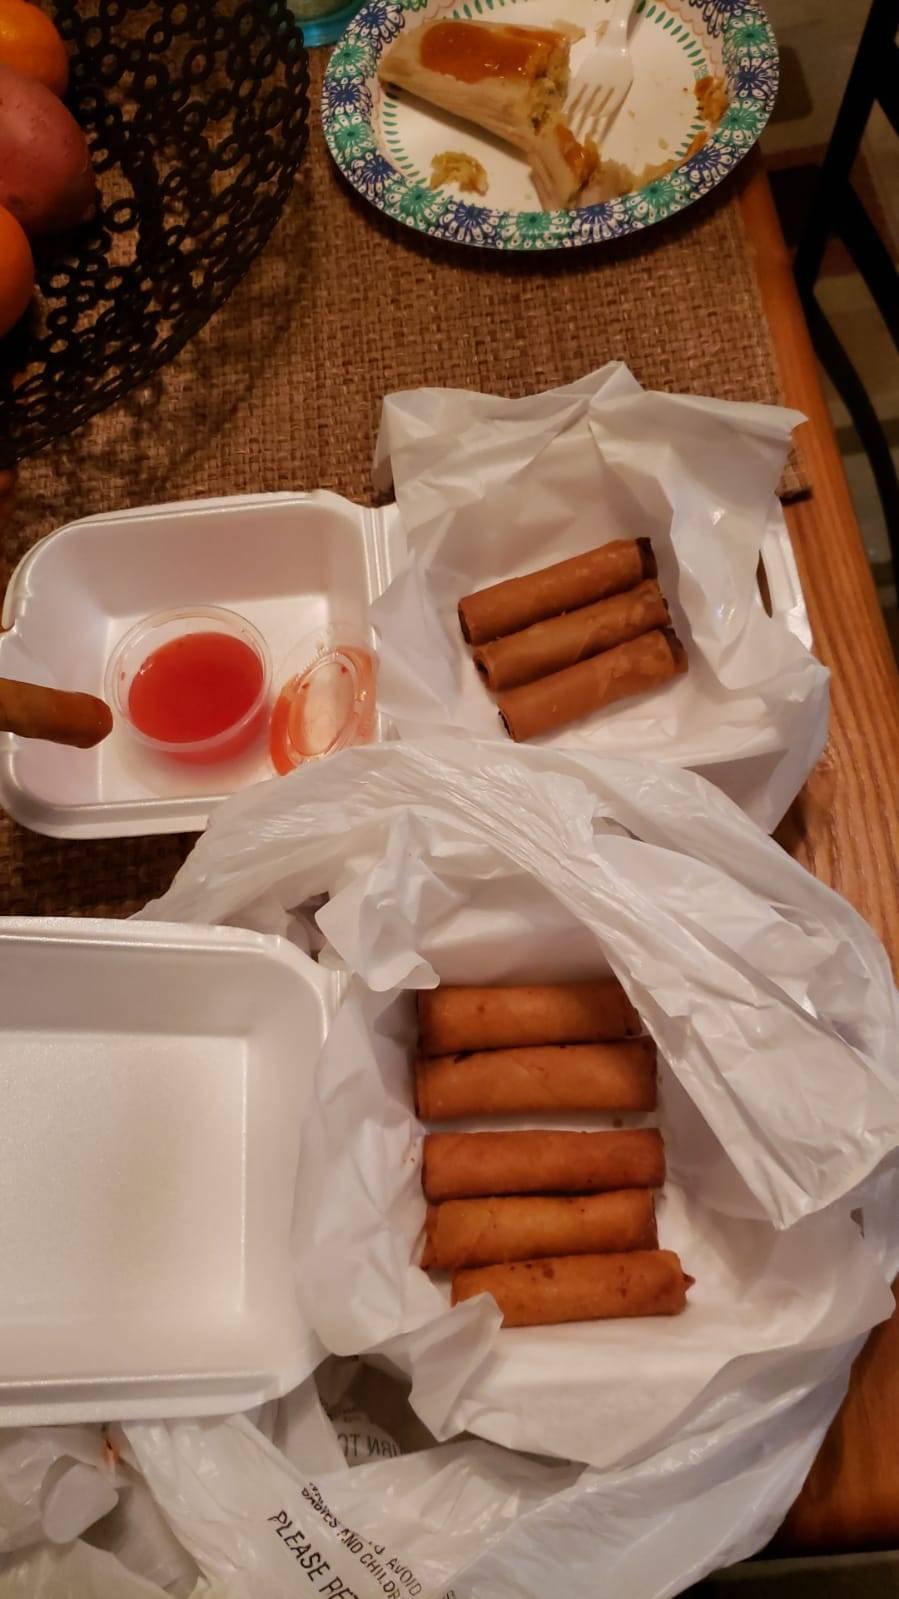 Jeffs Cuisine | restaurant | 1135 Bellevue Rd, Atwater, CA 95301, USA